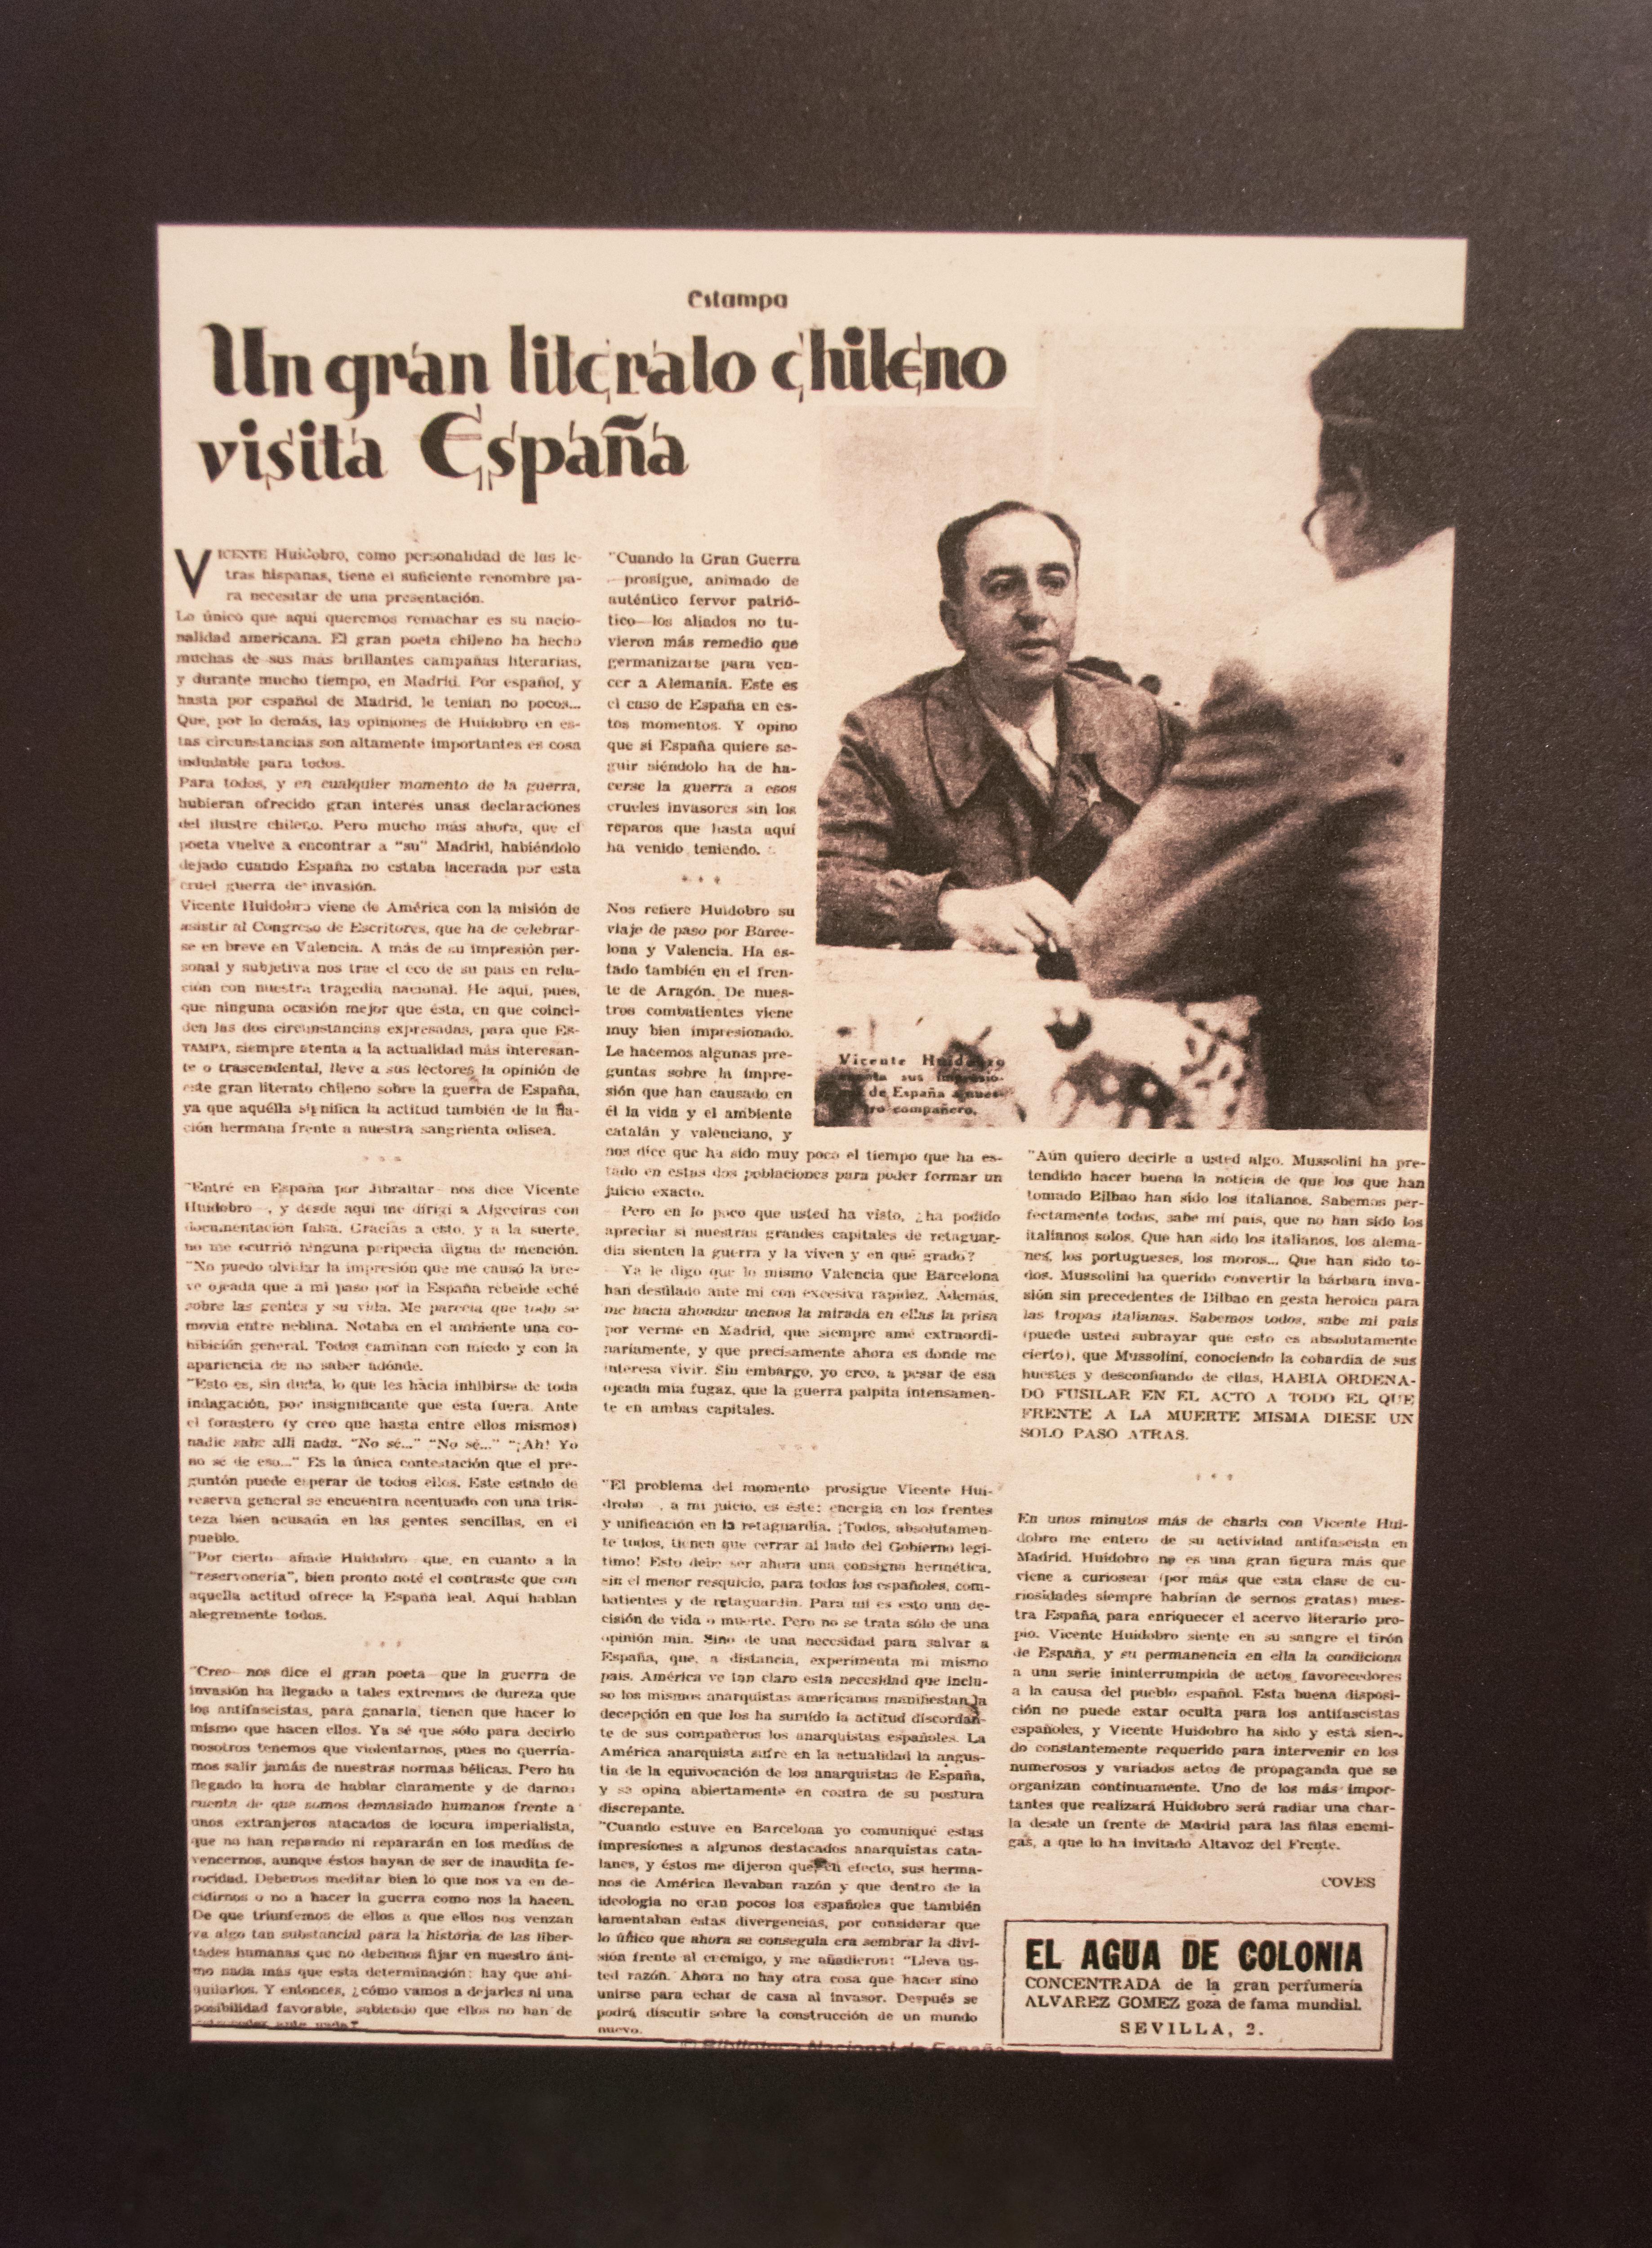 El compromiso de Huidobro con la II República Española en una entrevista para la revista Estampa, en el verano de 1937.